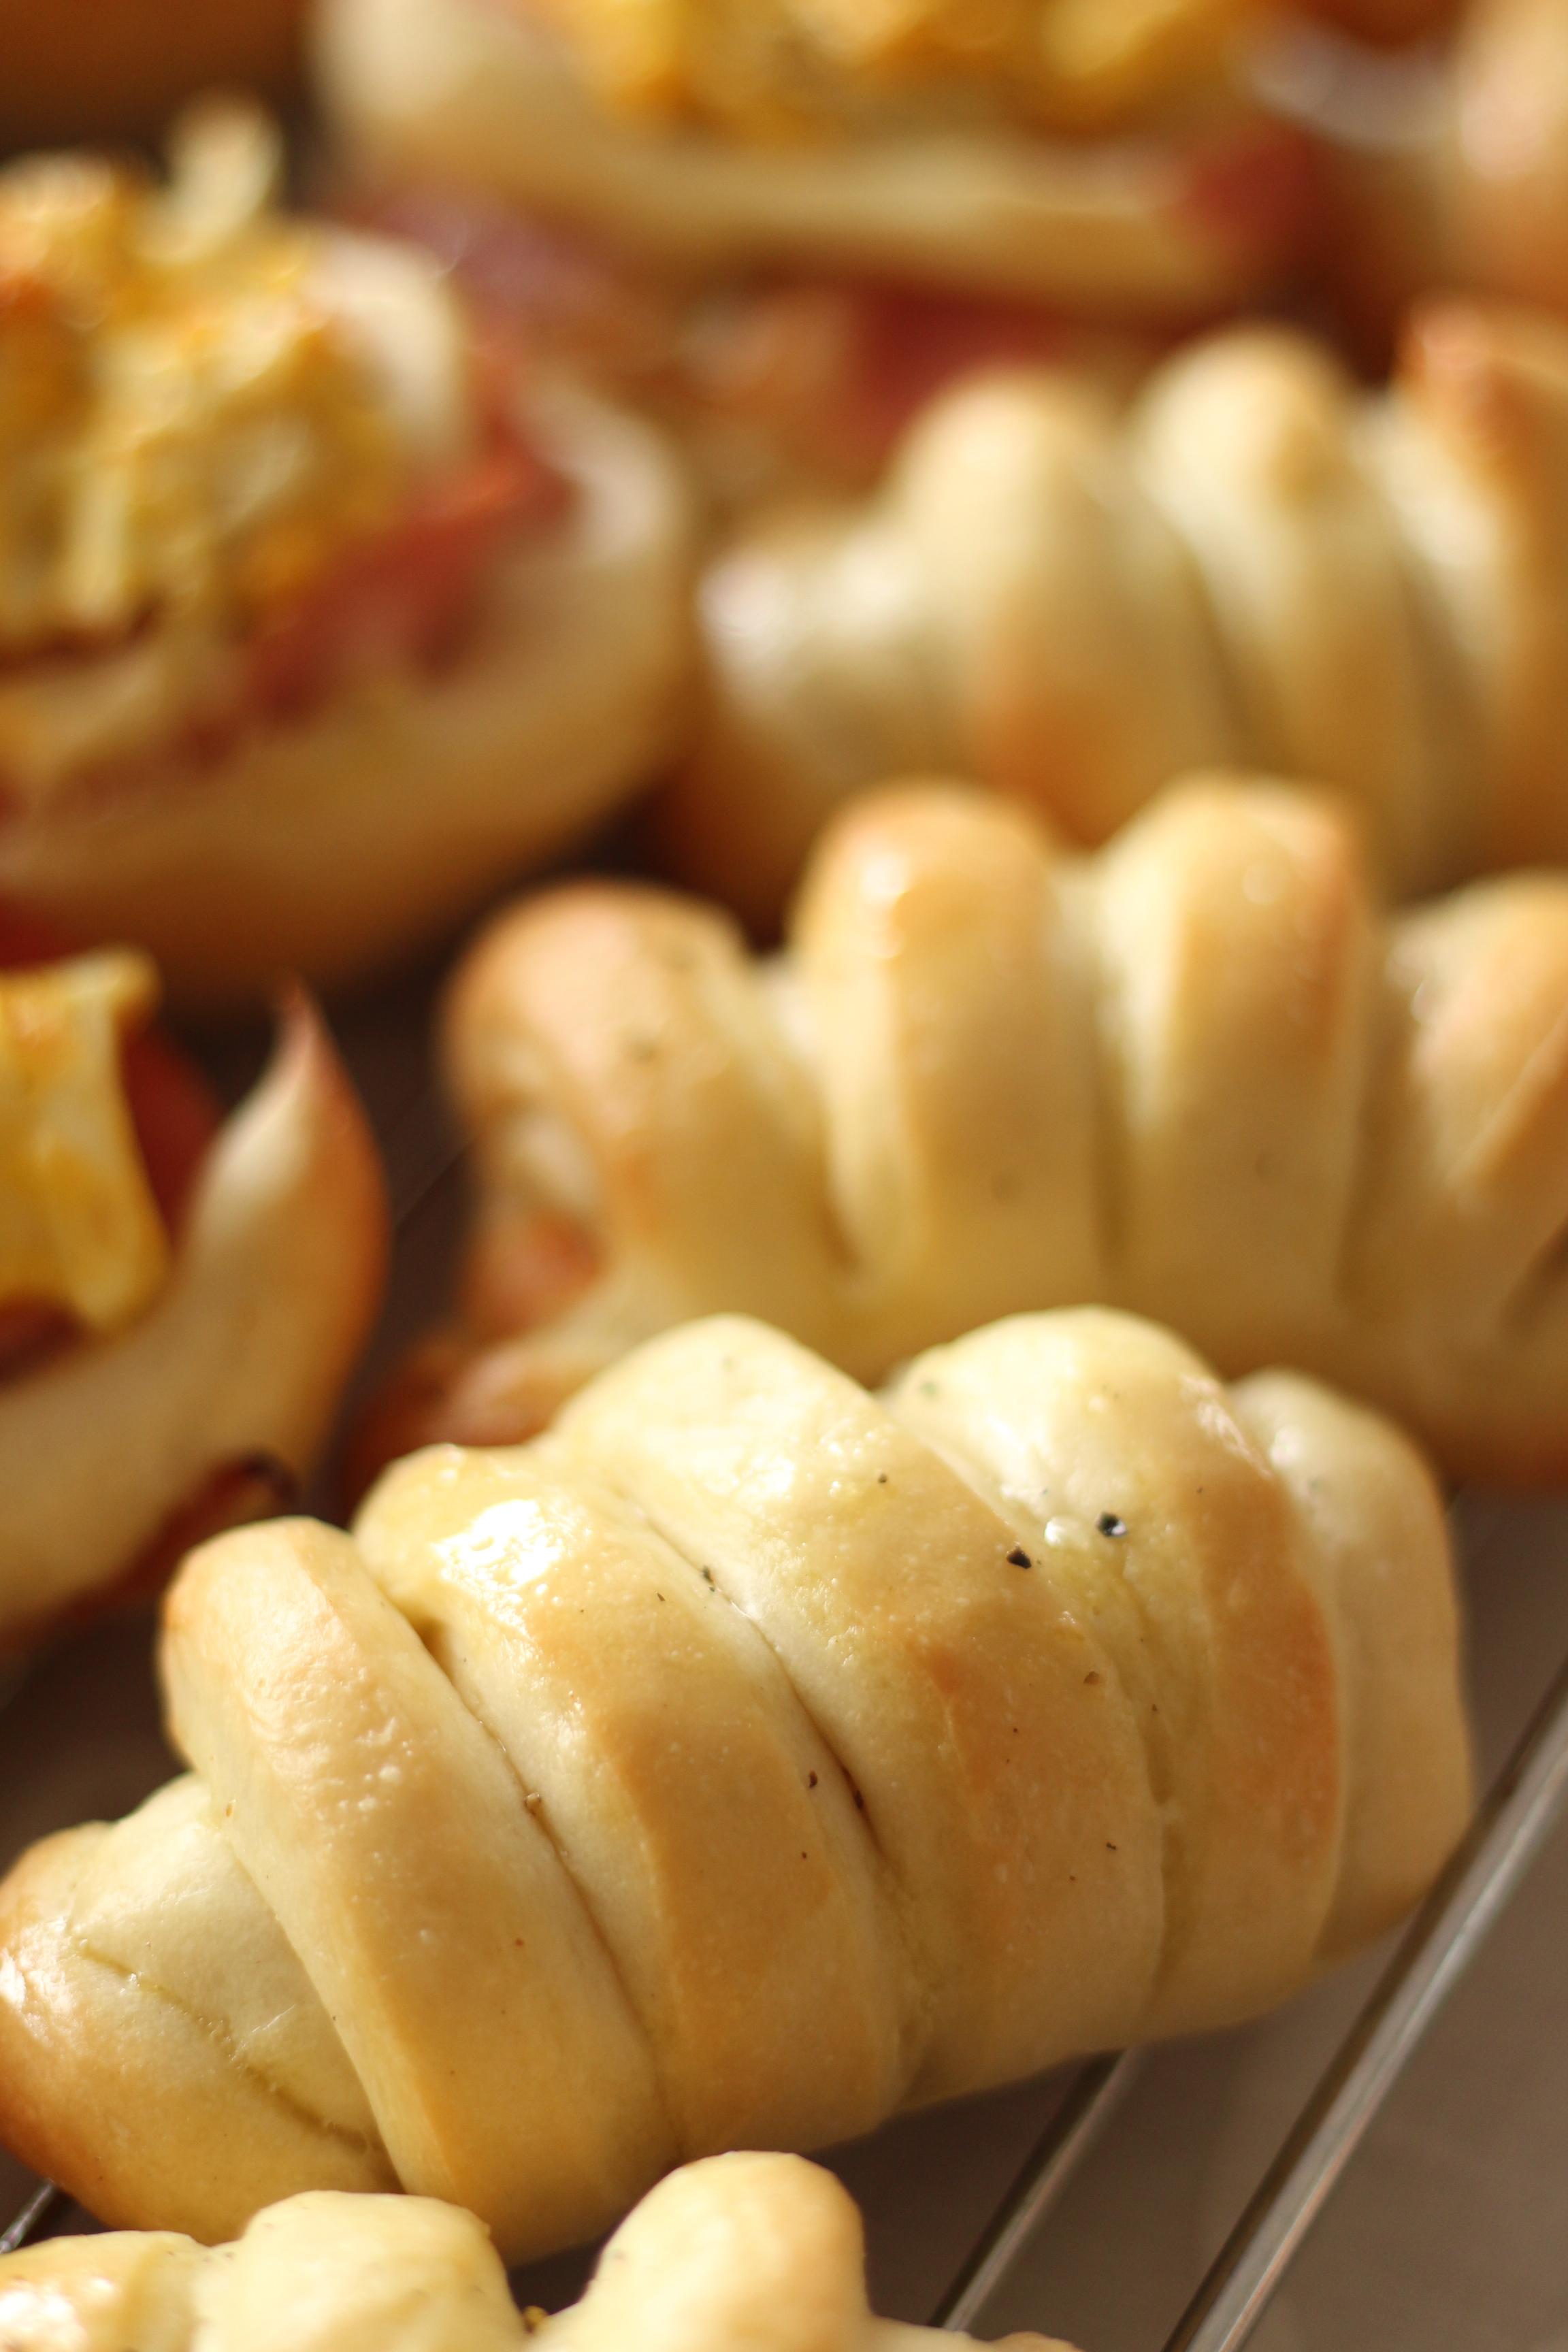 阿倍野区西田辺,a-ta-sante糖質制限パン料理教室。